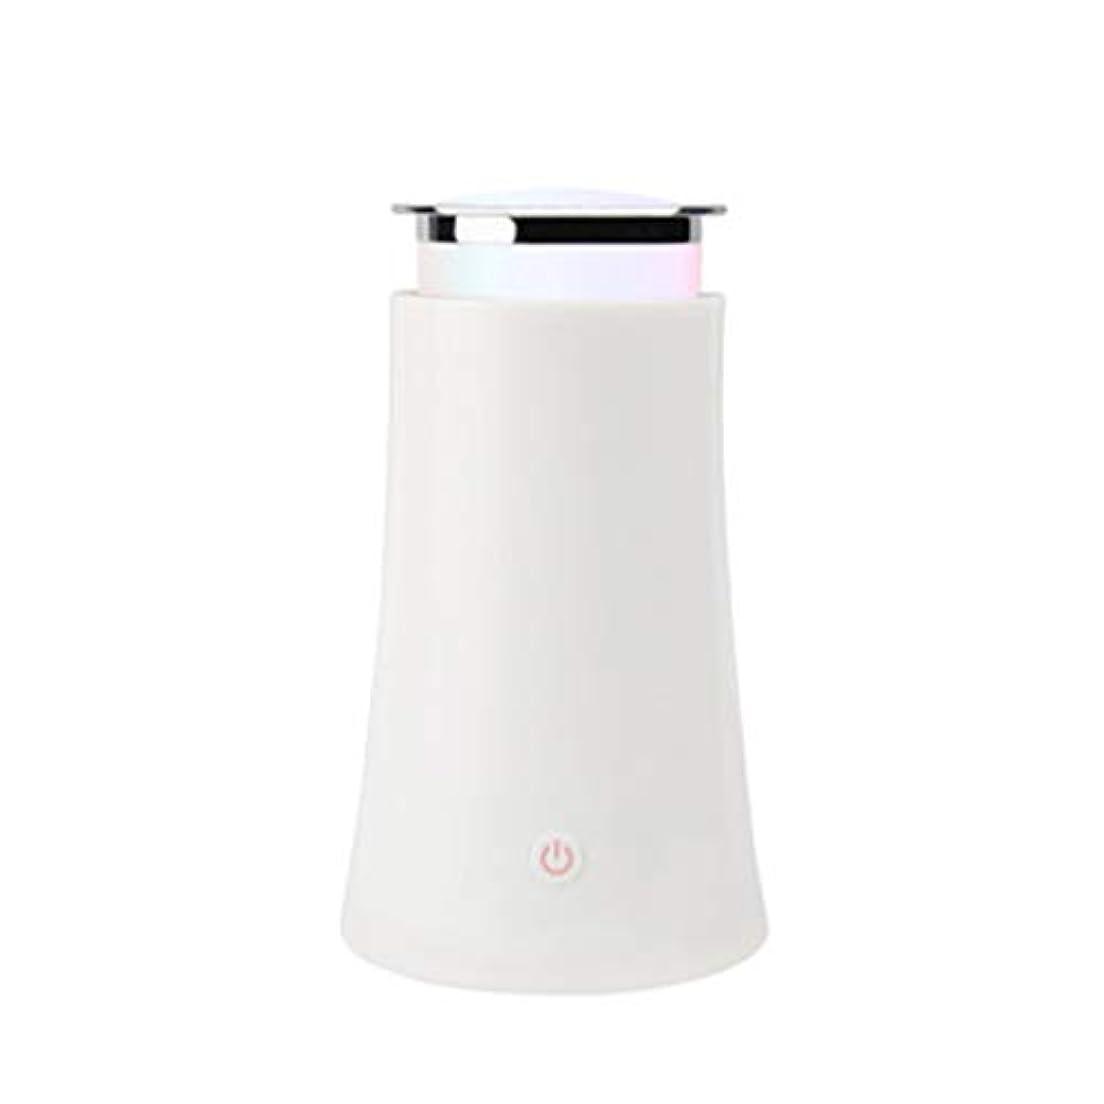 メドレー記事状況サイレントカラースプレー機超音波加湿器プラグイン加湿器香機世帯 (Color : White)